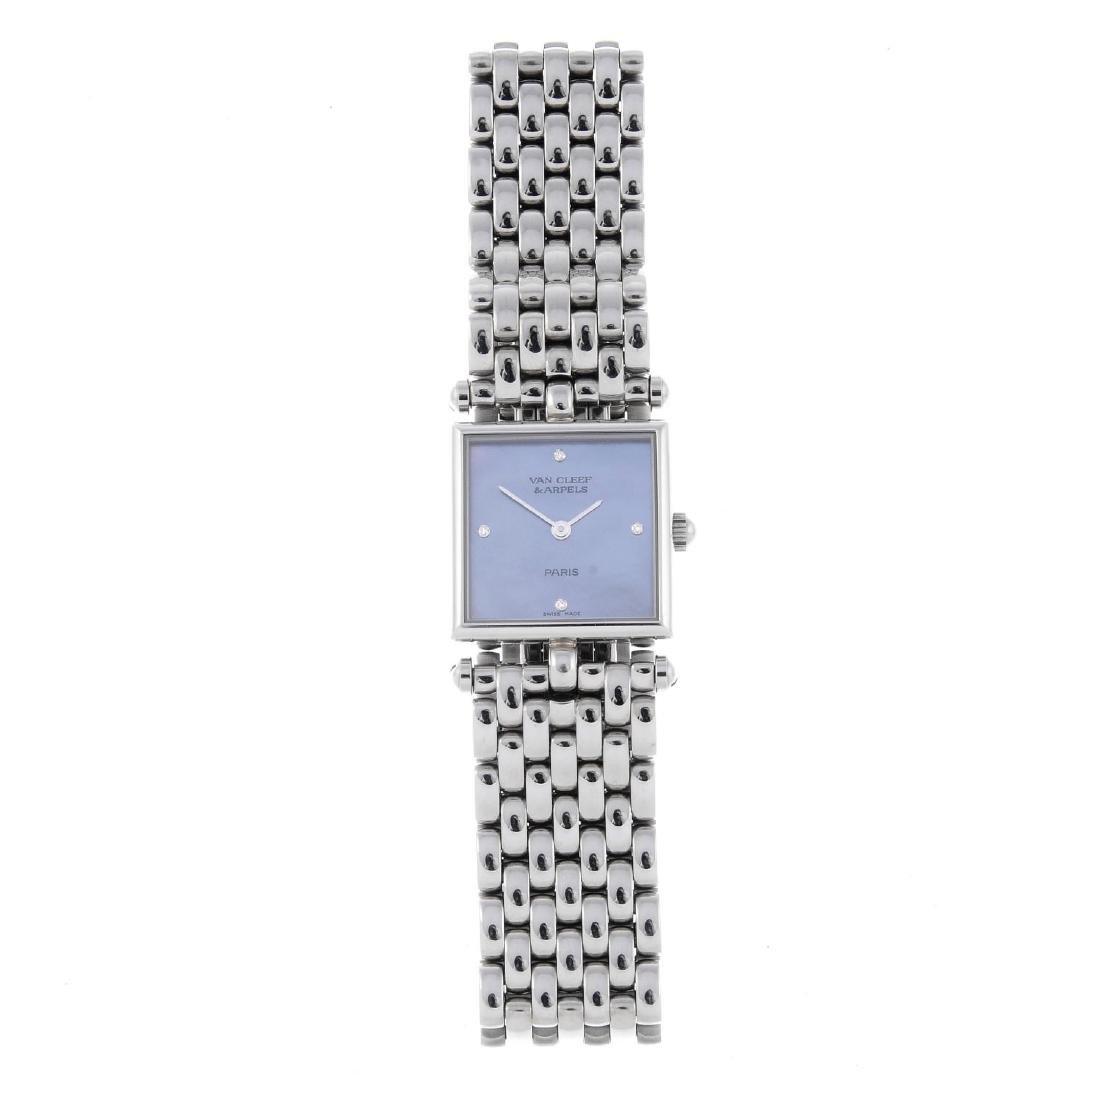 VAN CLEEF & ARPELS - a lady's Classique bracelet watch.